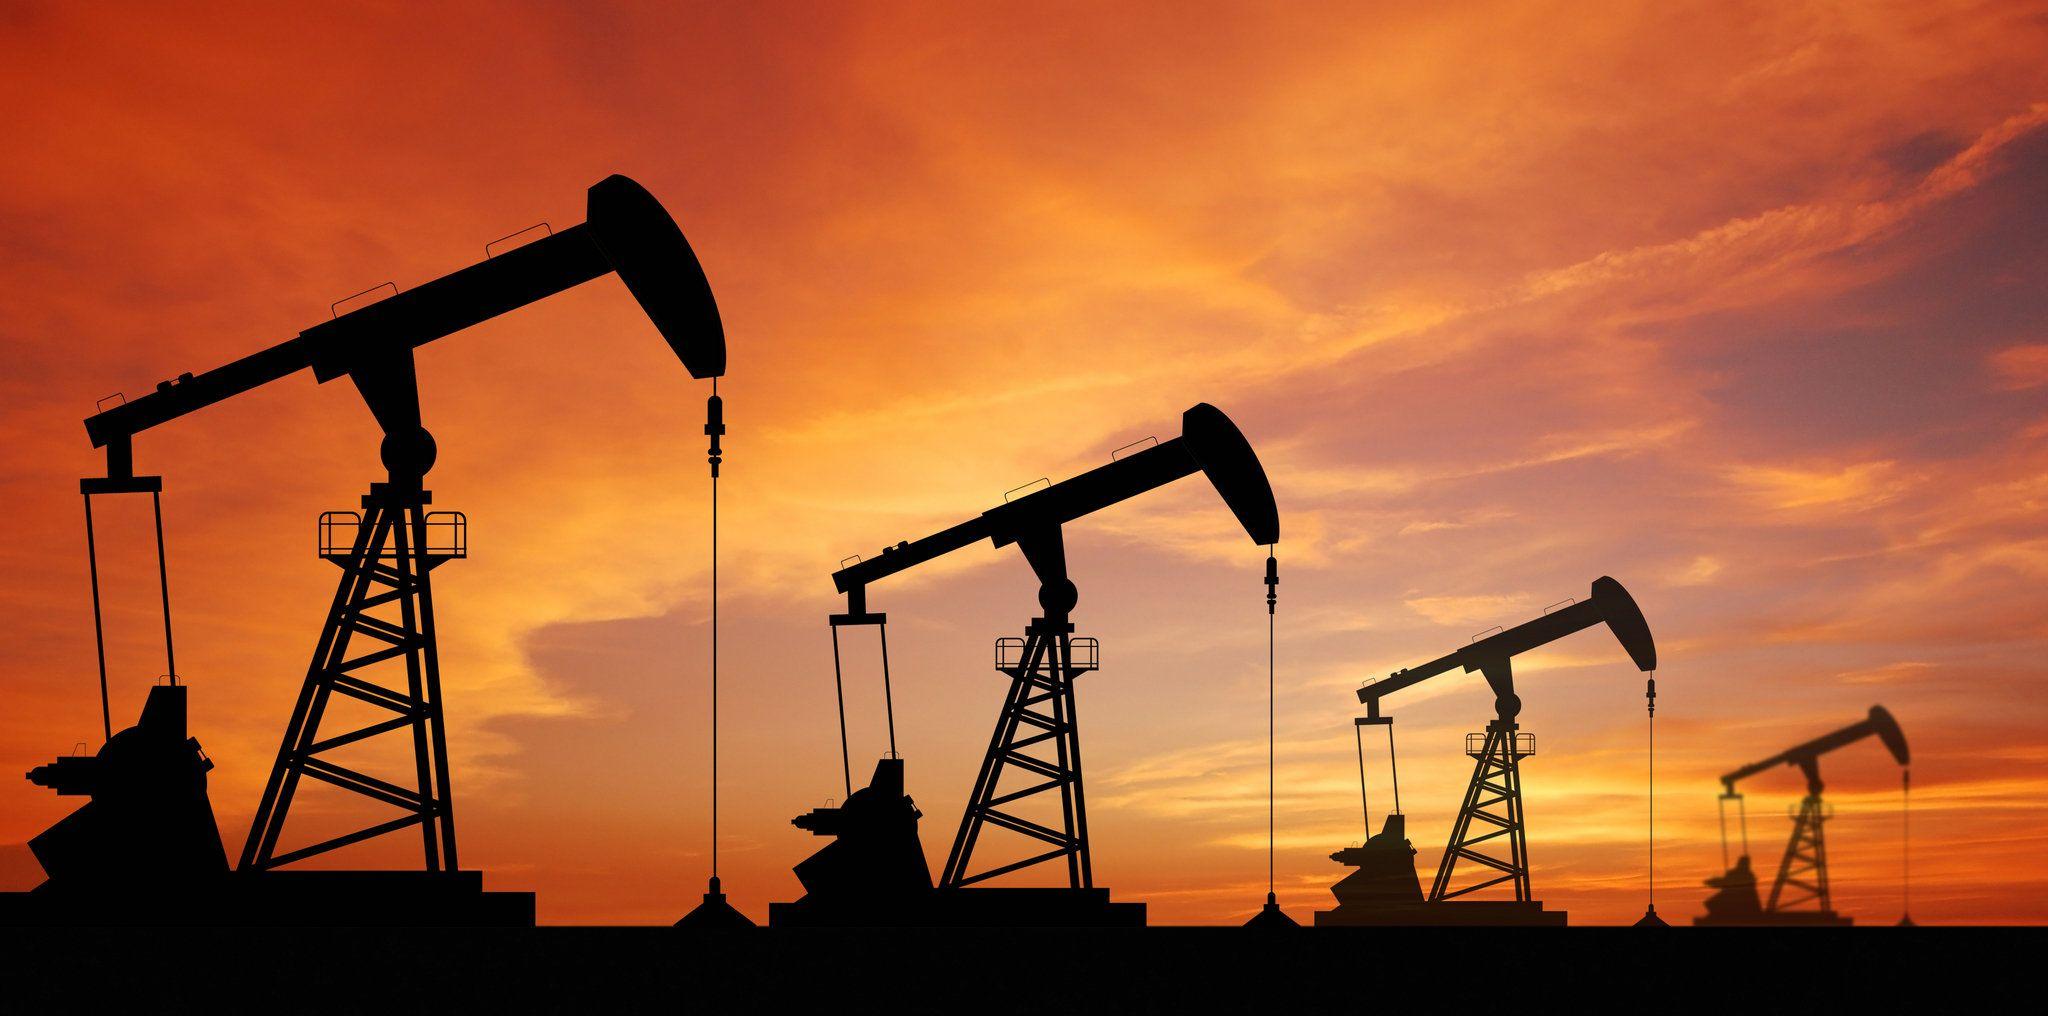 Venezuela tardaría más de 20 años en normalizar producción petrolera, según AIE